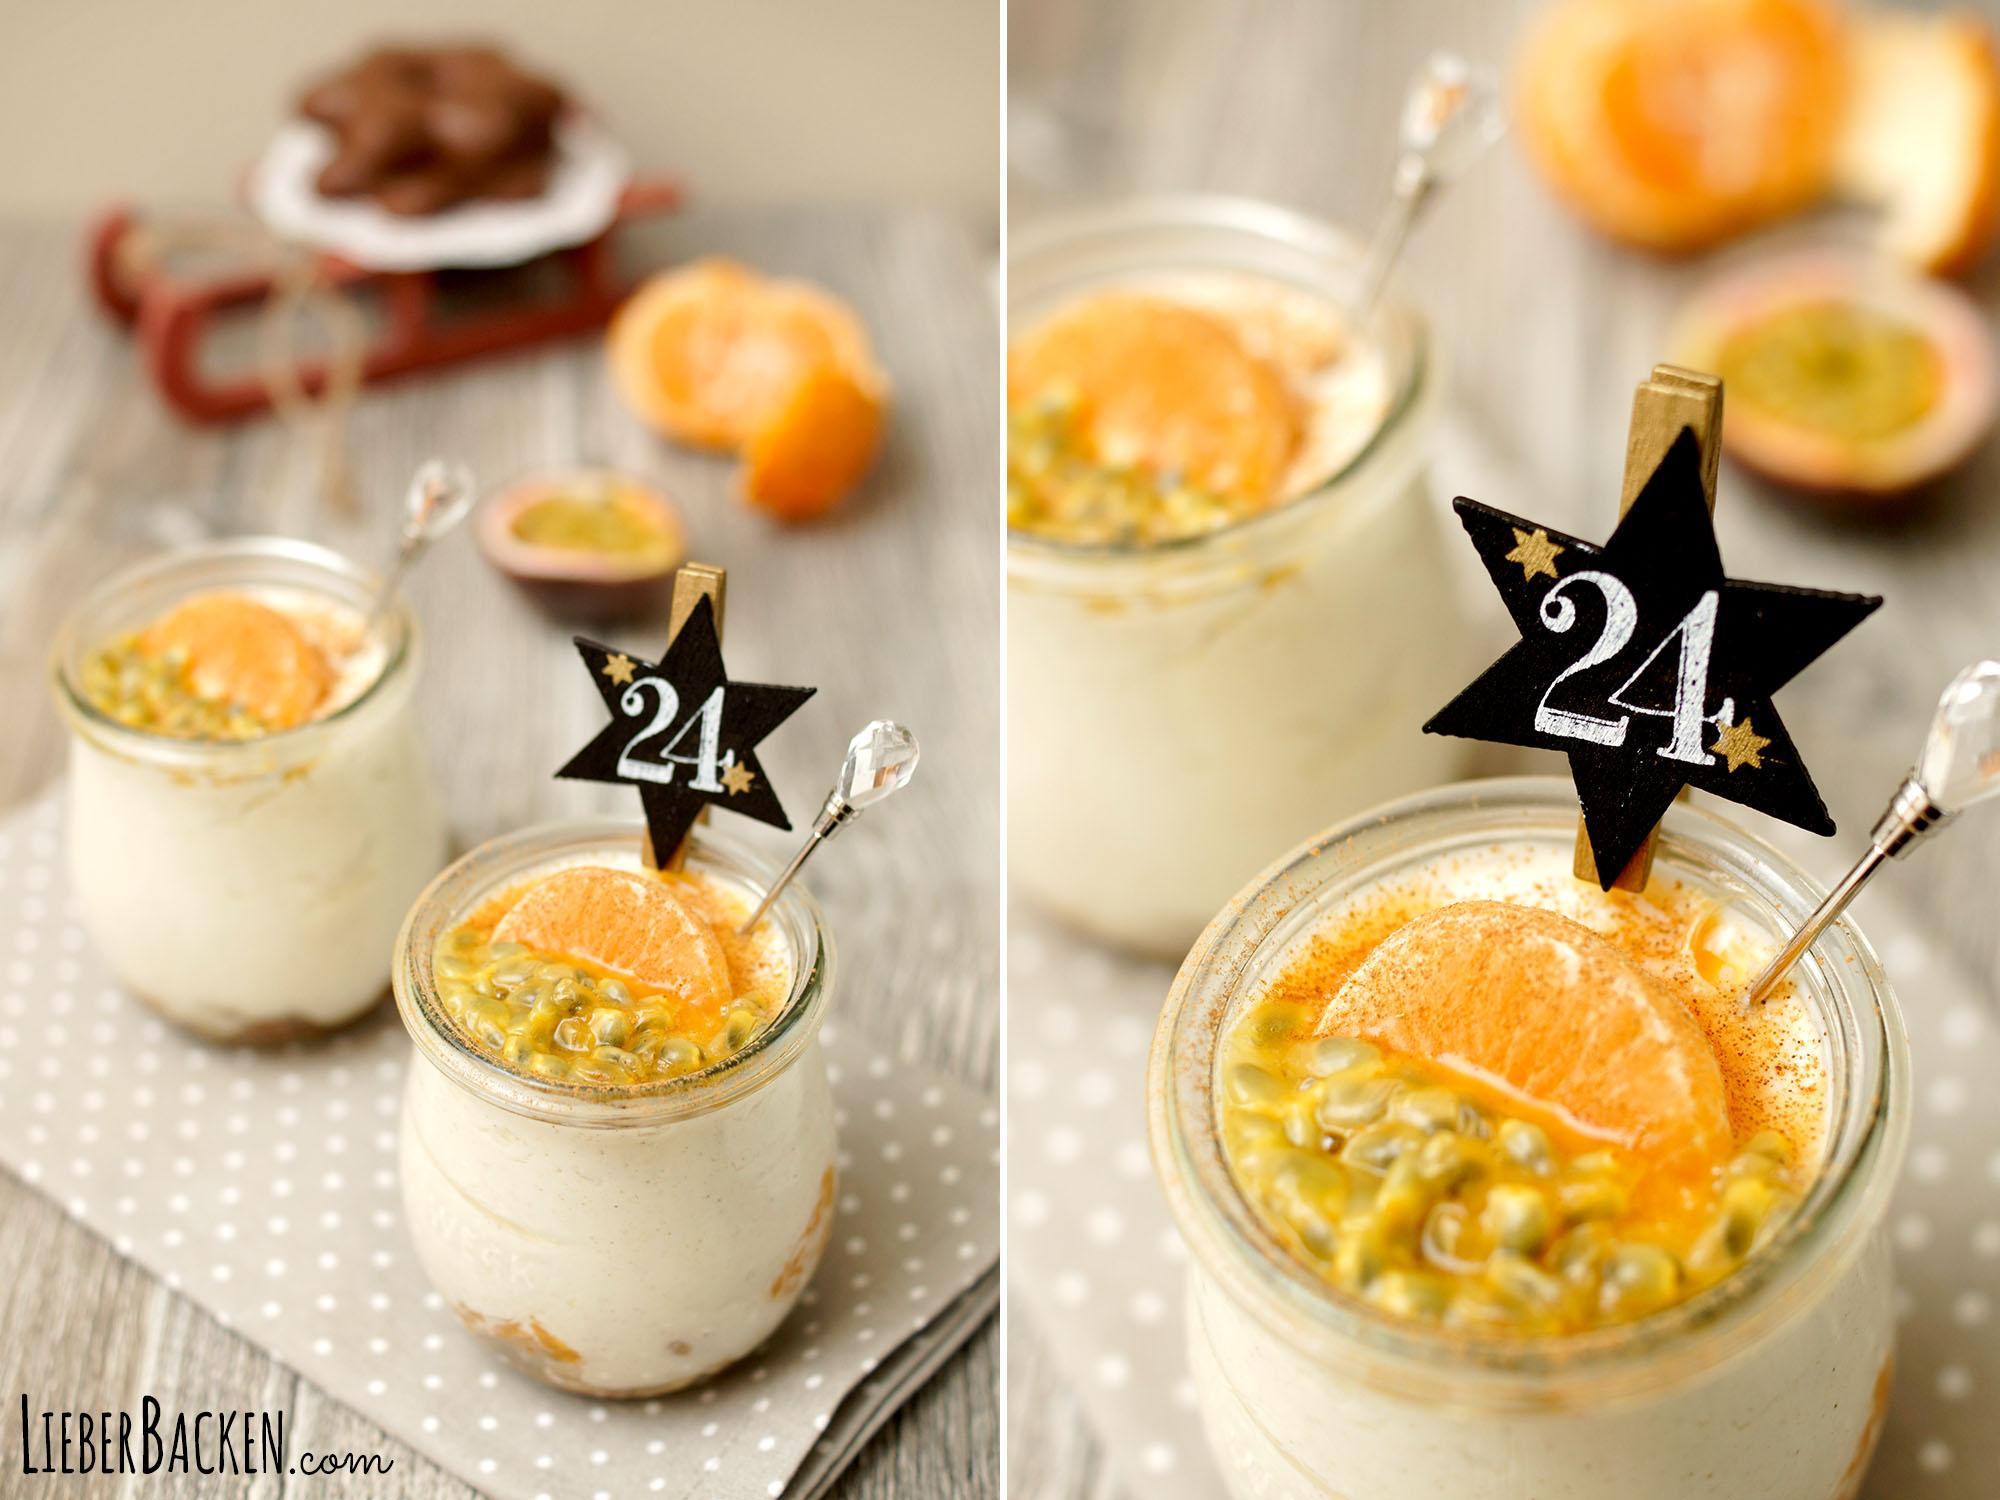 Weihnachtsdessert im Glas mit Mandarinen